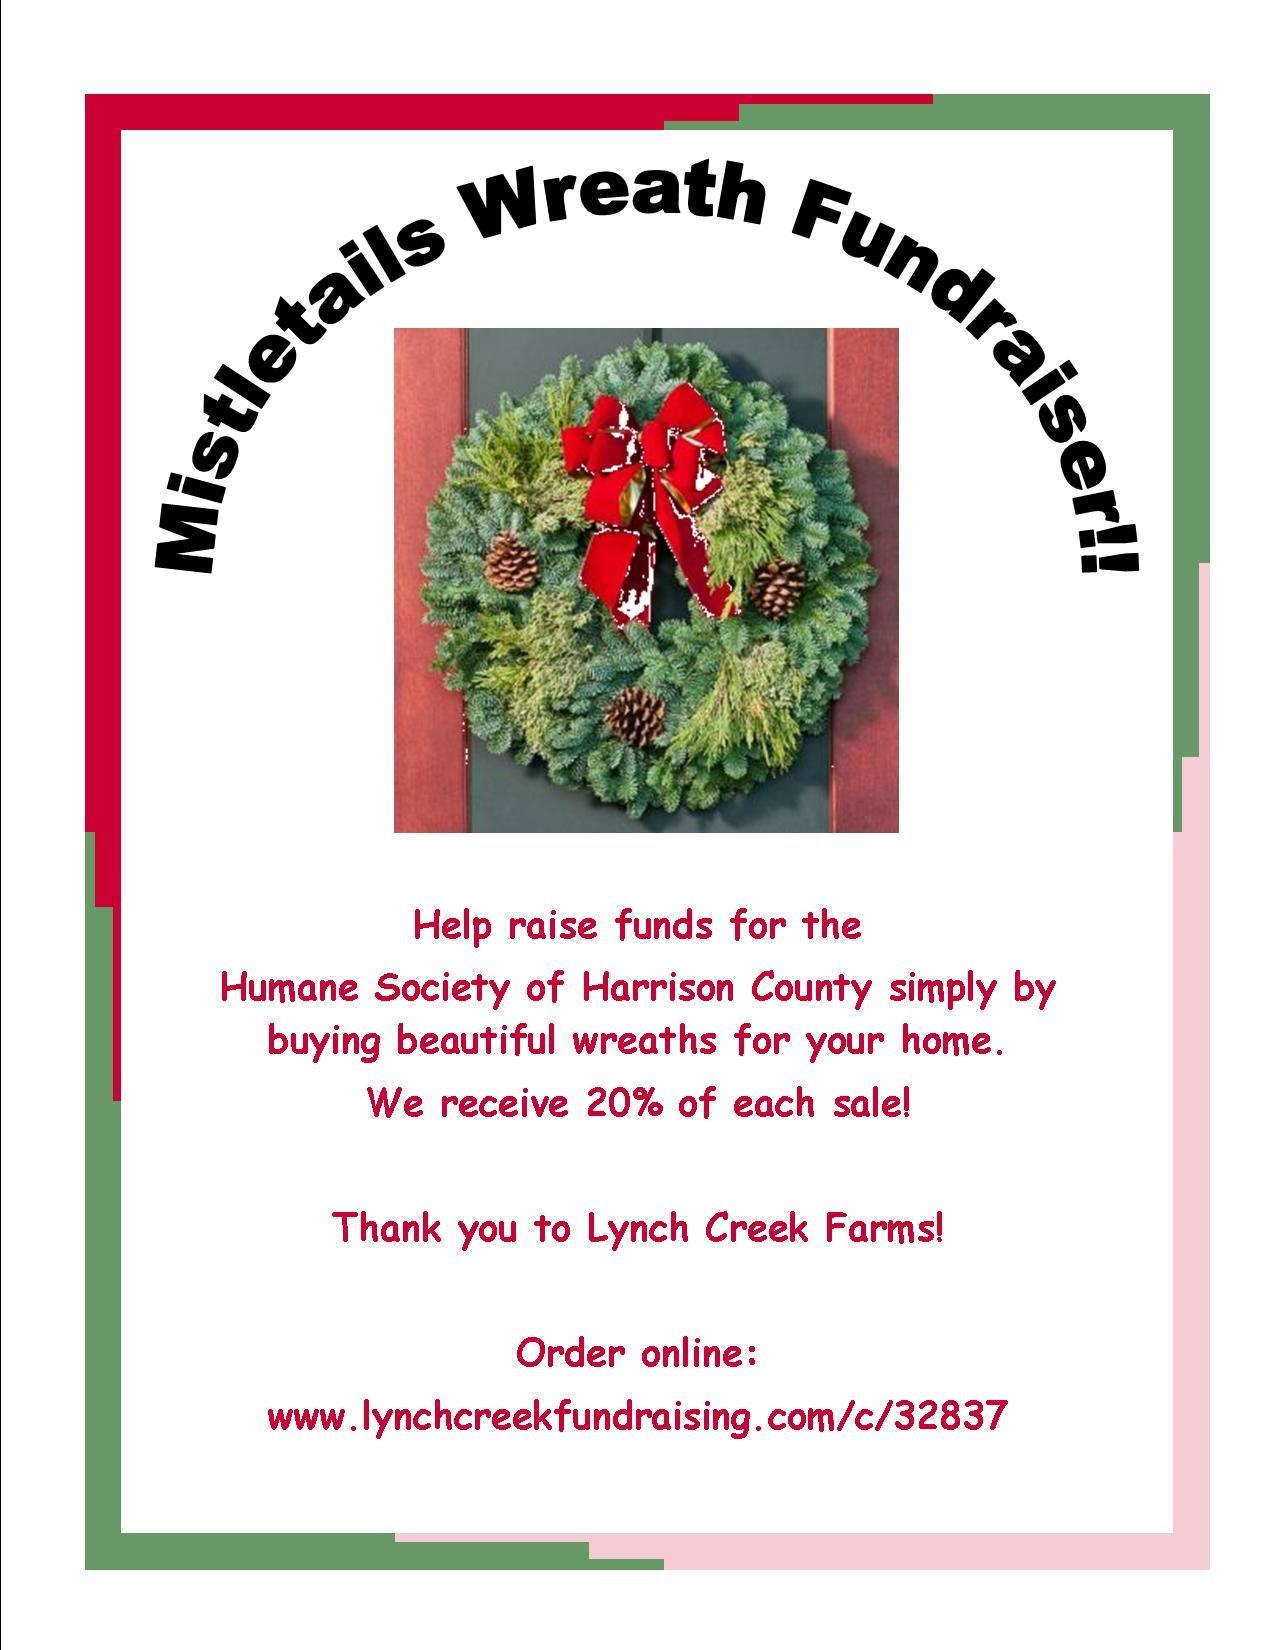 HSHC Mistletails Fundraiser